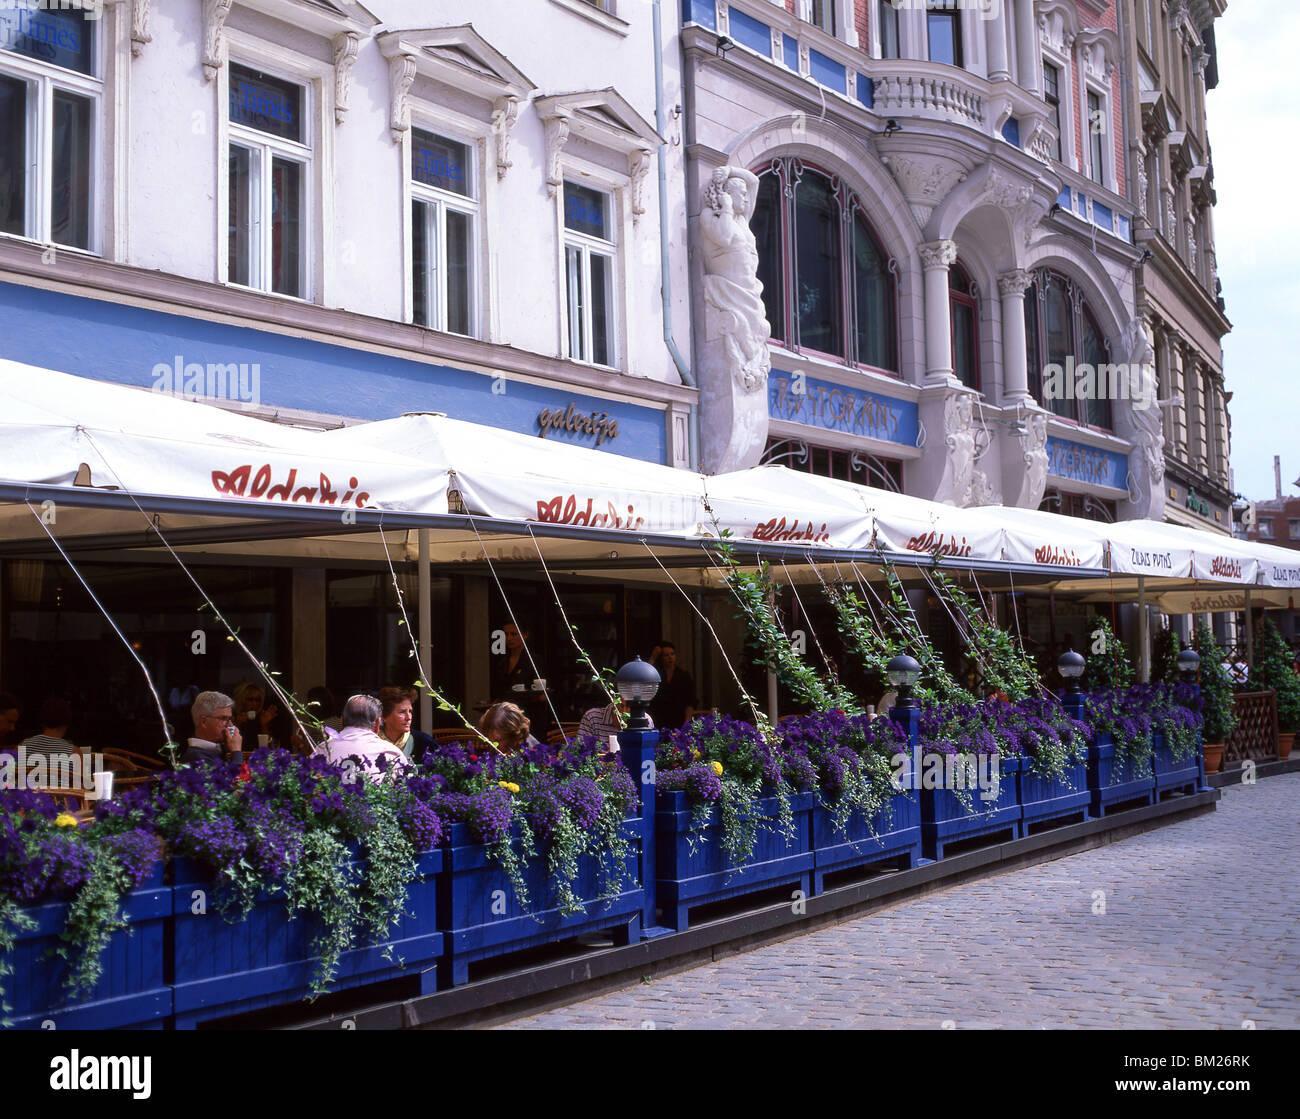 Outdoor restaurant, Doma Laukums, Old Town, Riga, Riga Region, Republic of Latvia - Stock Image